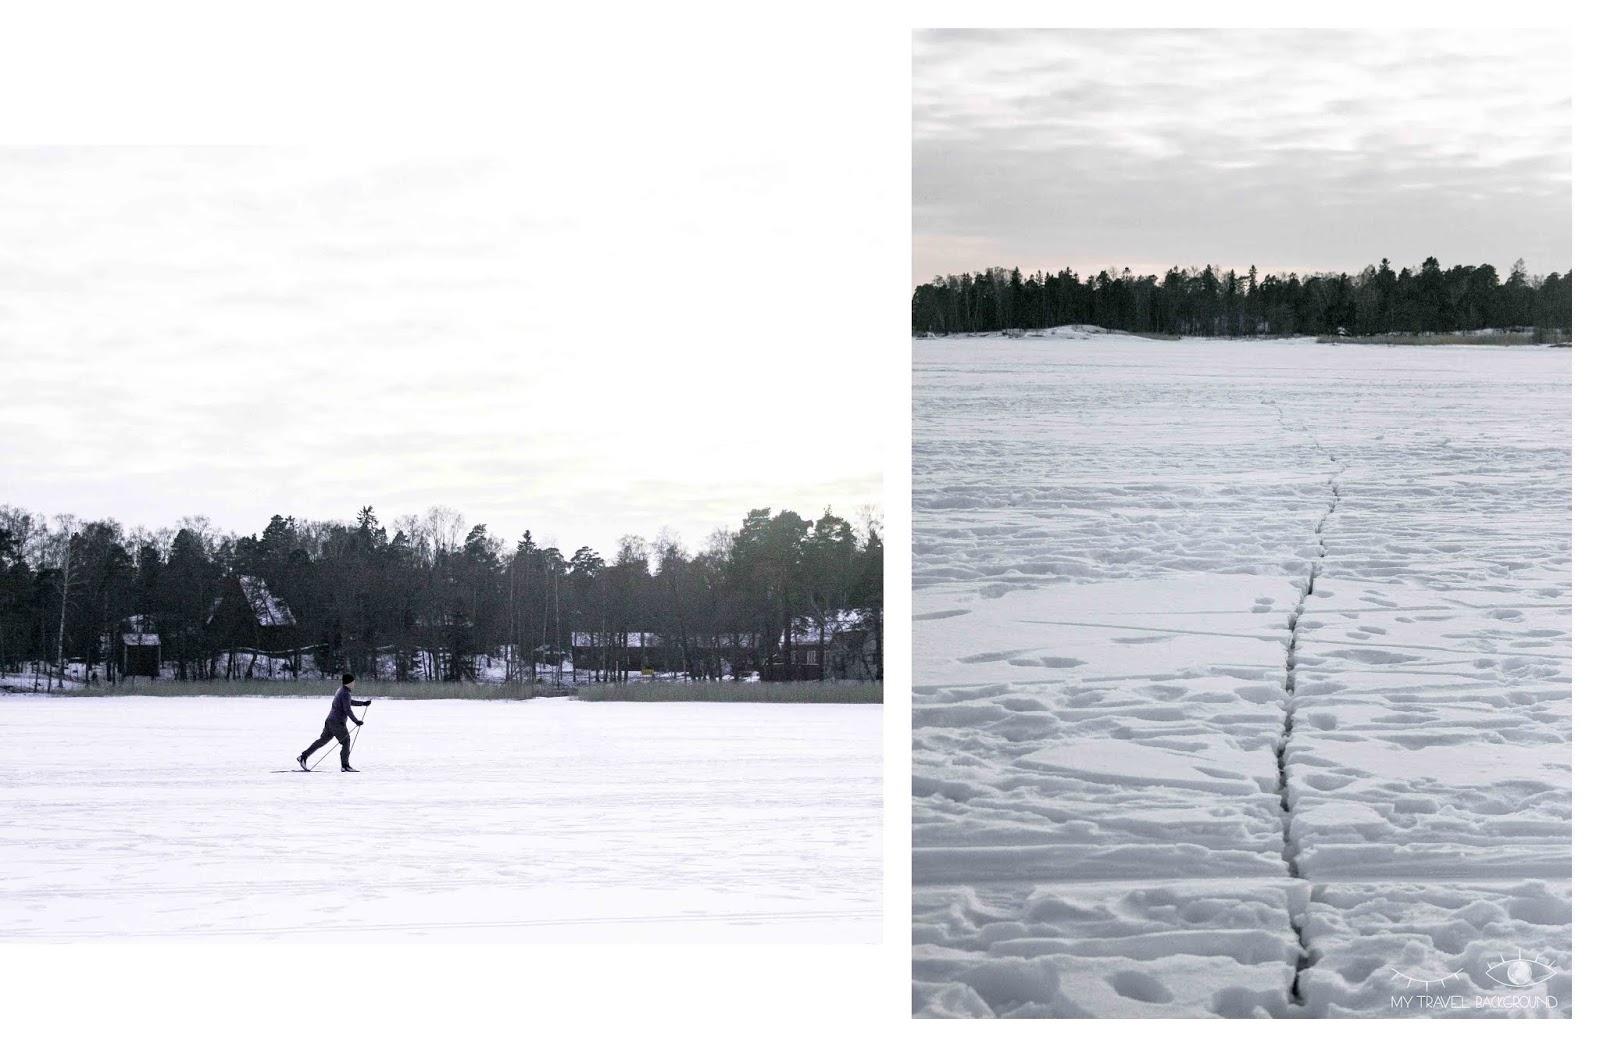 My Travel Background : 2 jours pour découvrir Helsinki, la capitale de la Finlande - Mer Baltique gelée